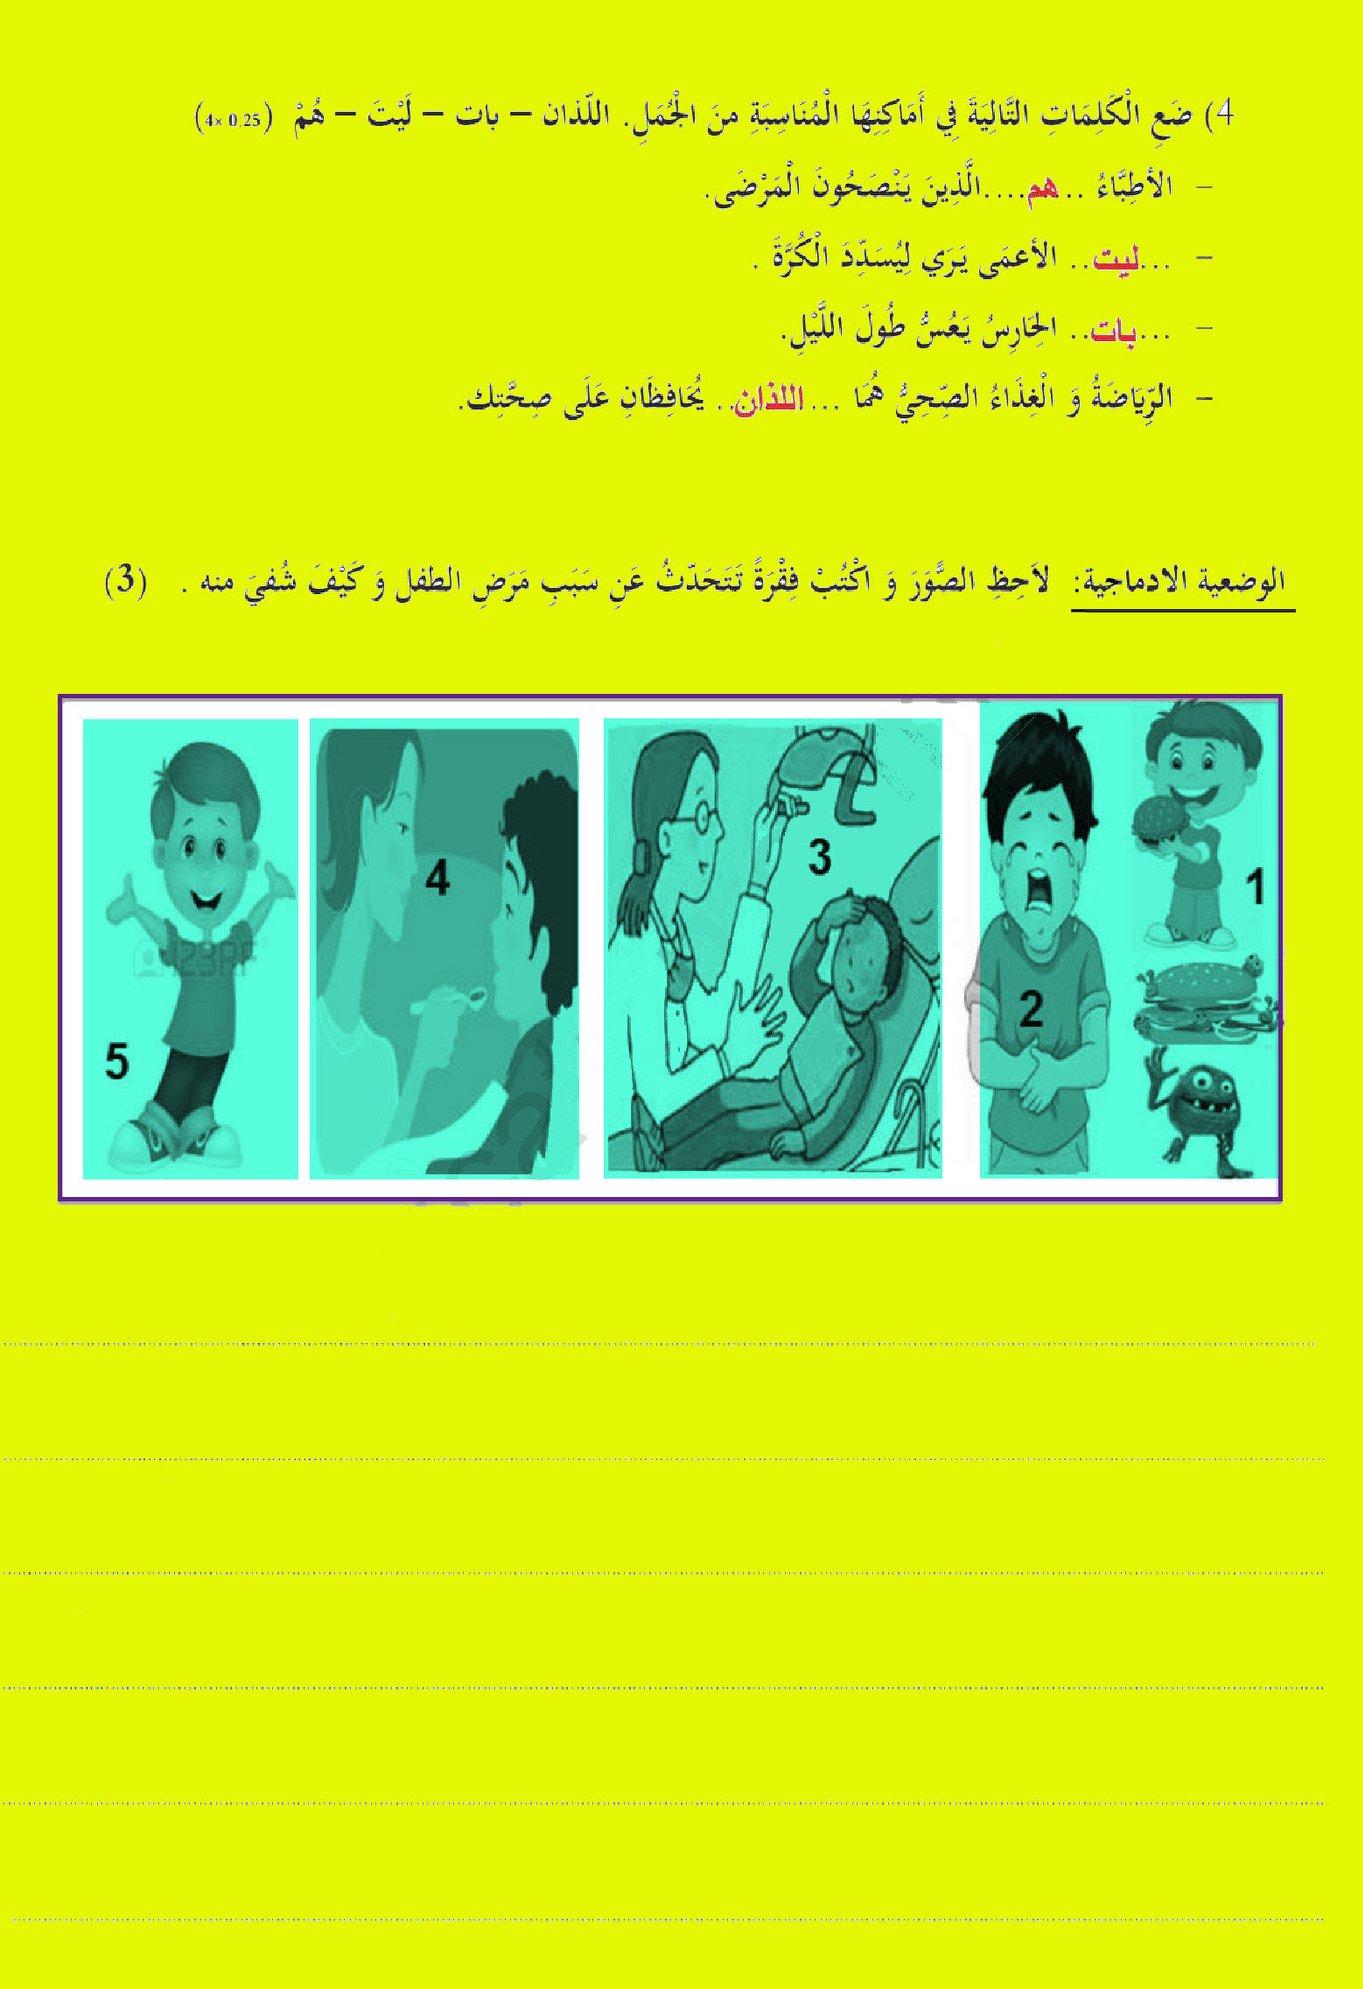 اختبار الفصل الثاني في اللغة العربية مع الحل   الثالثة ابتدائي   الموضوع 04